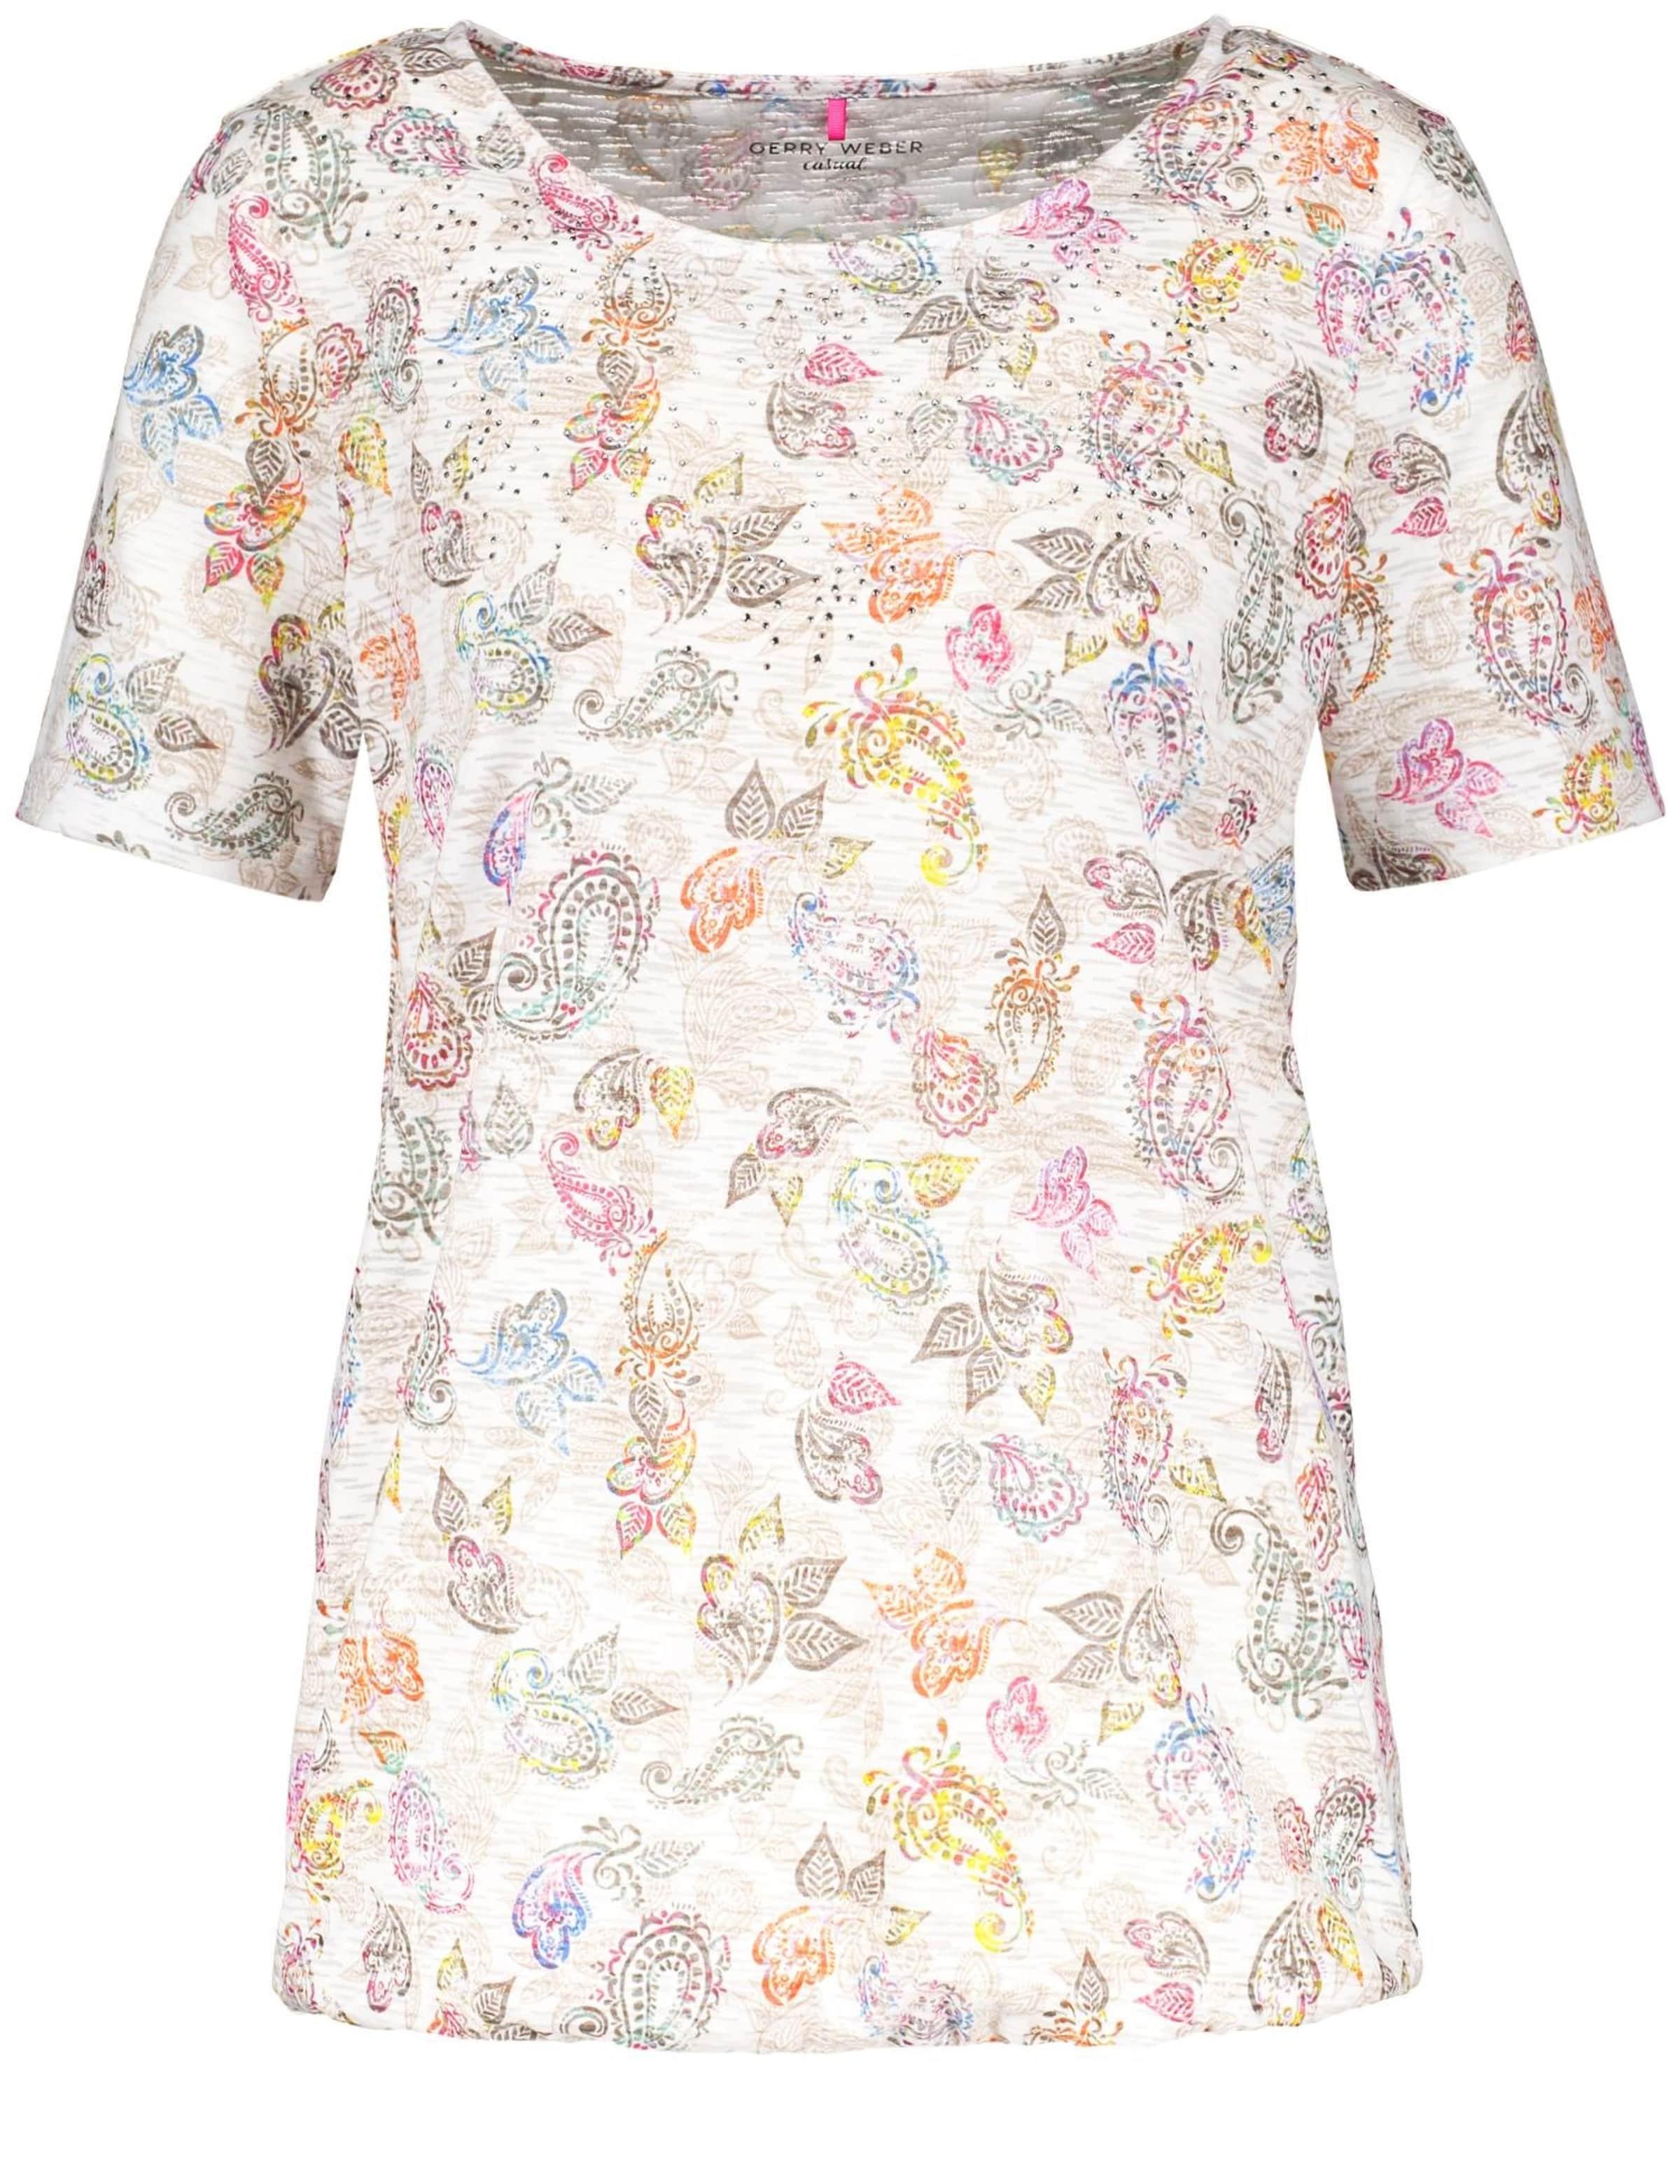 MischfarbenWeiß In T Gerry Weber shirt 8nOPk0w